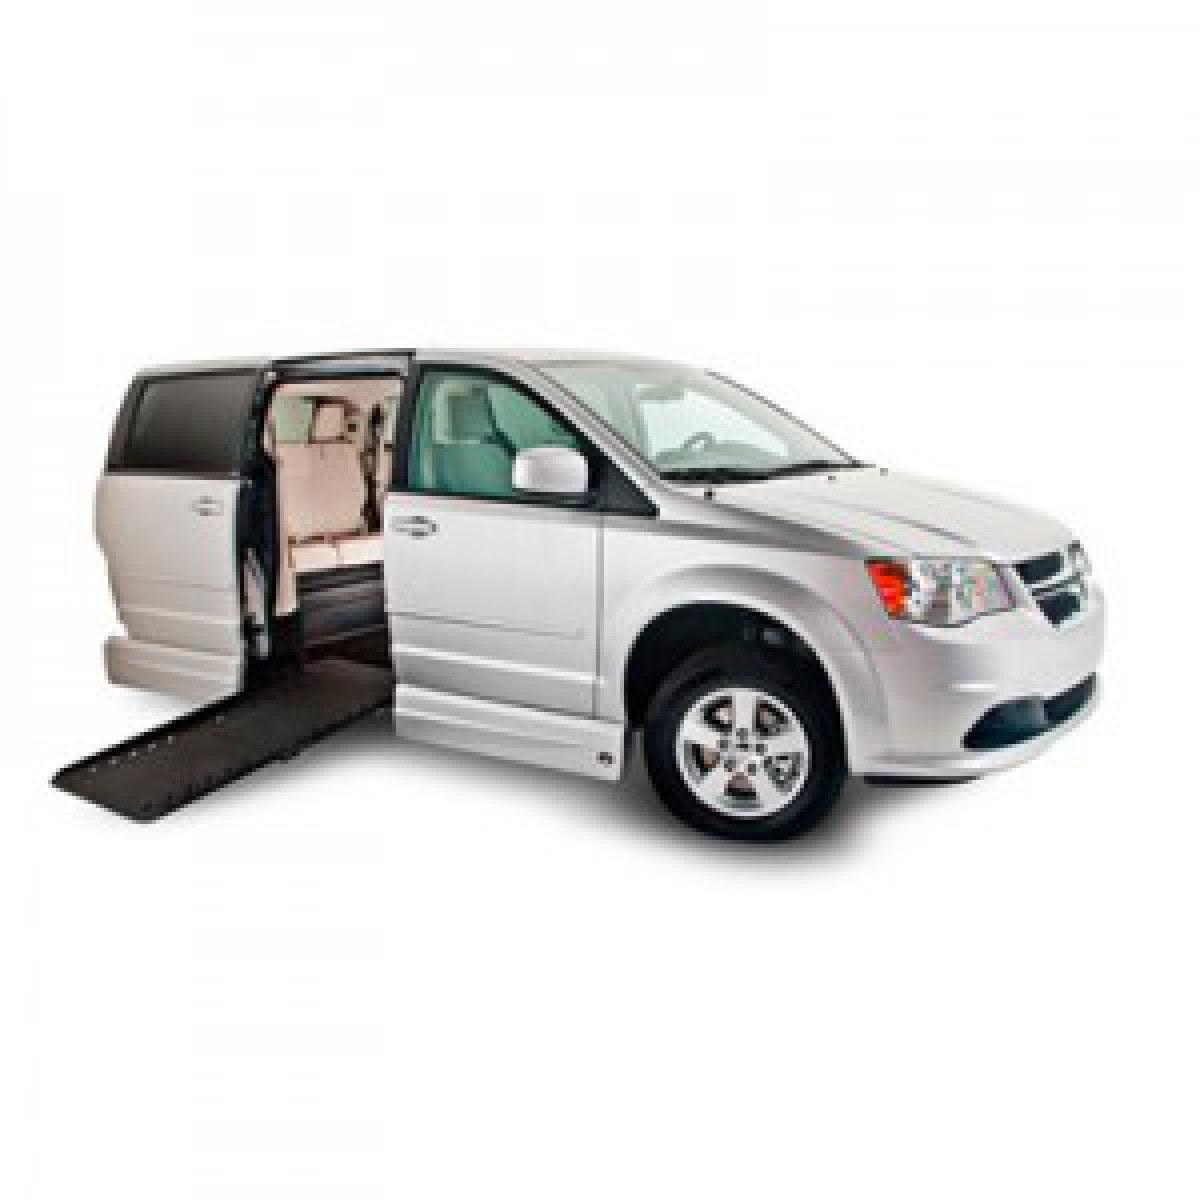 Vmi Wheelchair Vans Texas Sw Louisiana American Lift Aids